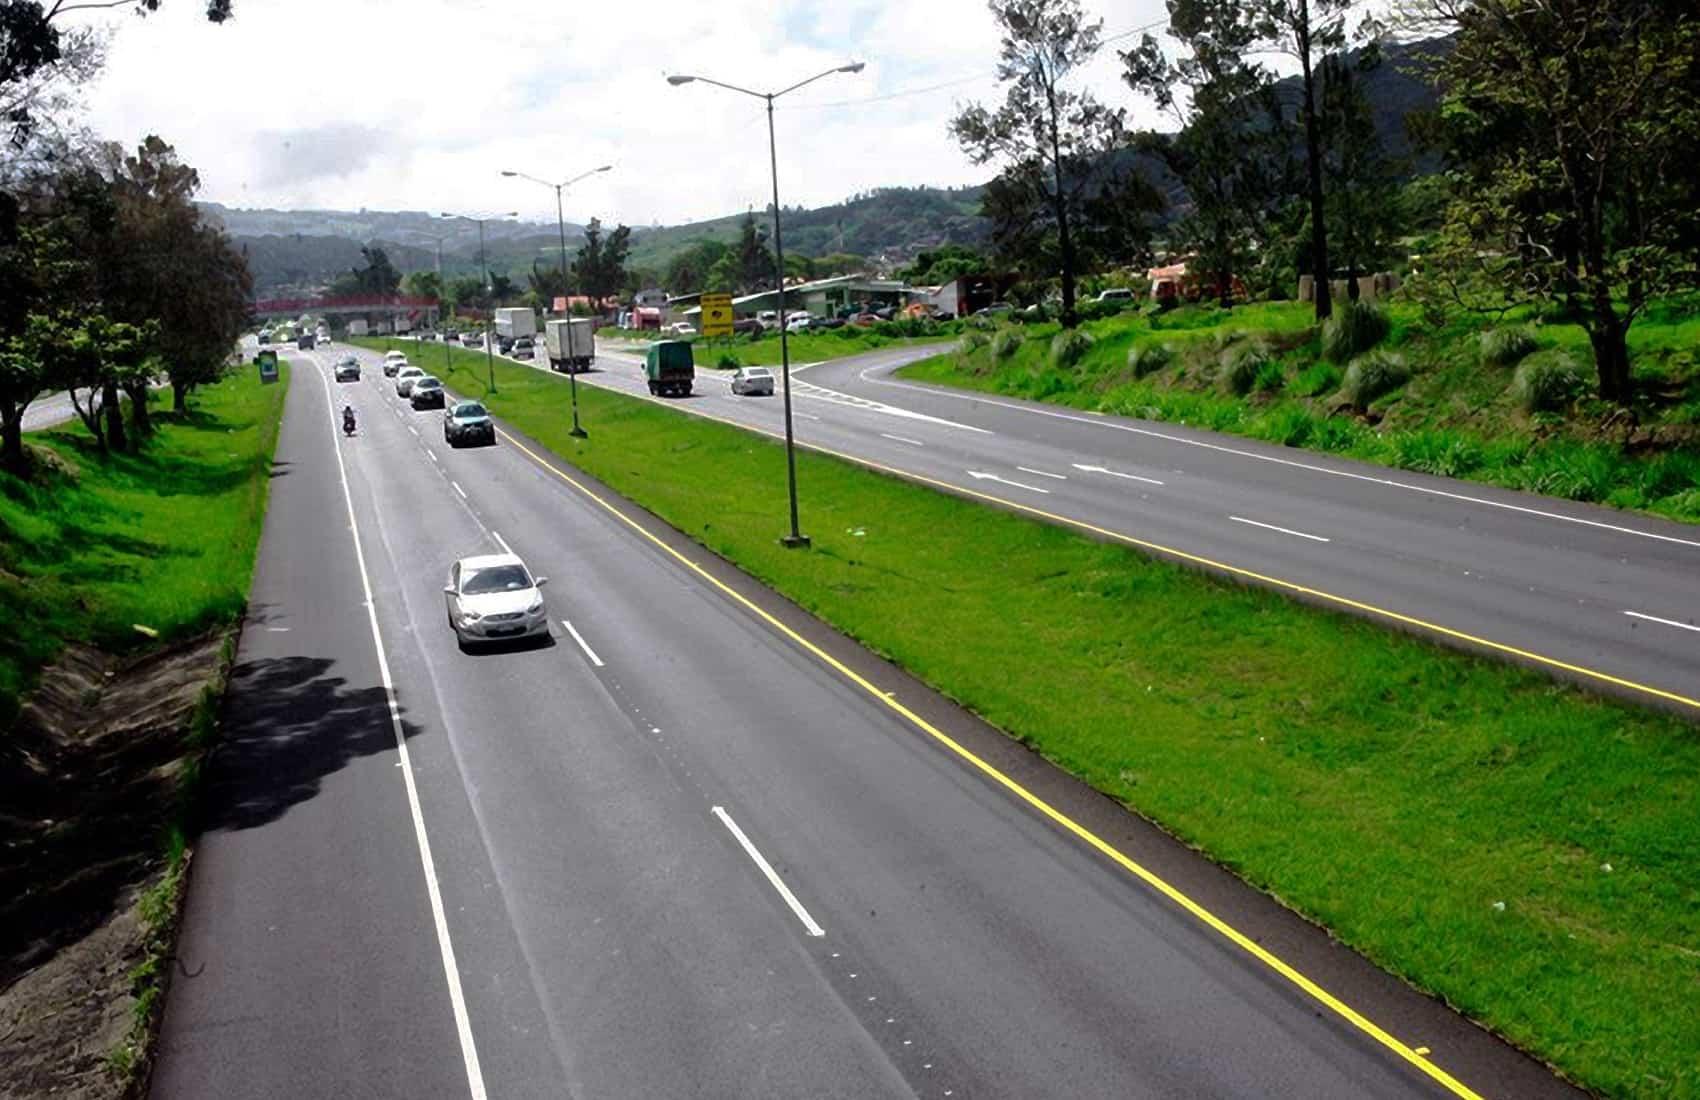 Florencio del Castillo highway